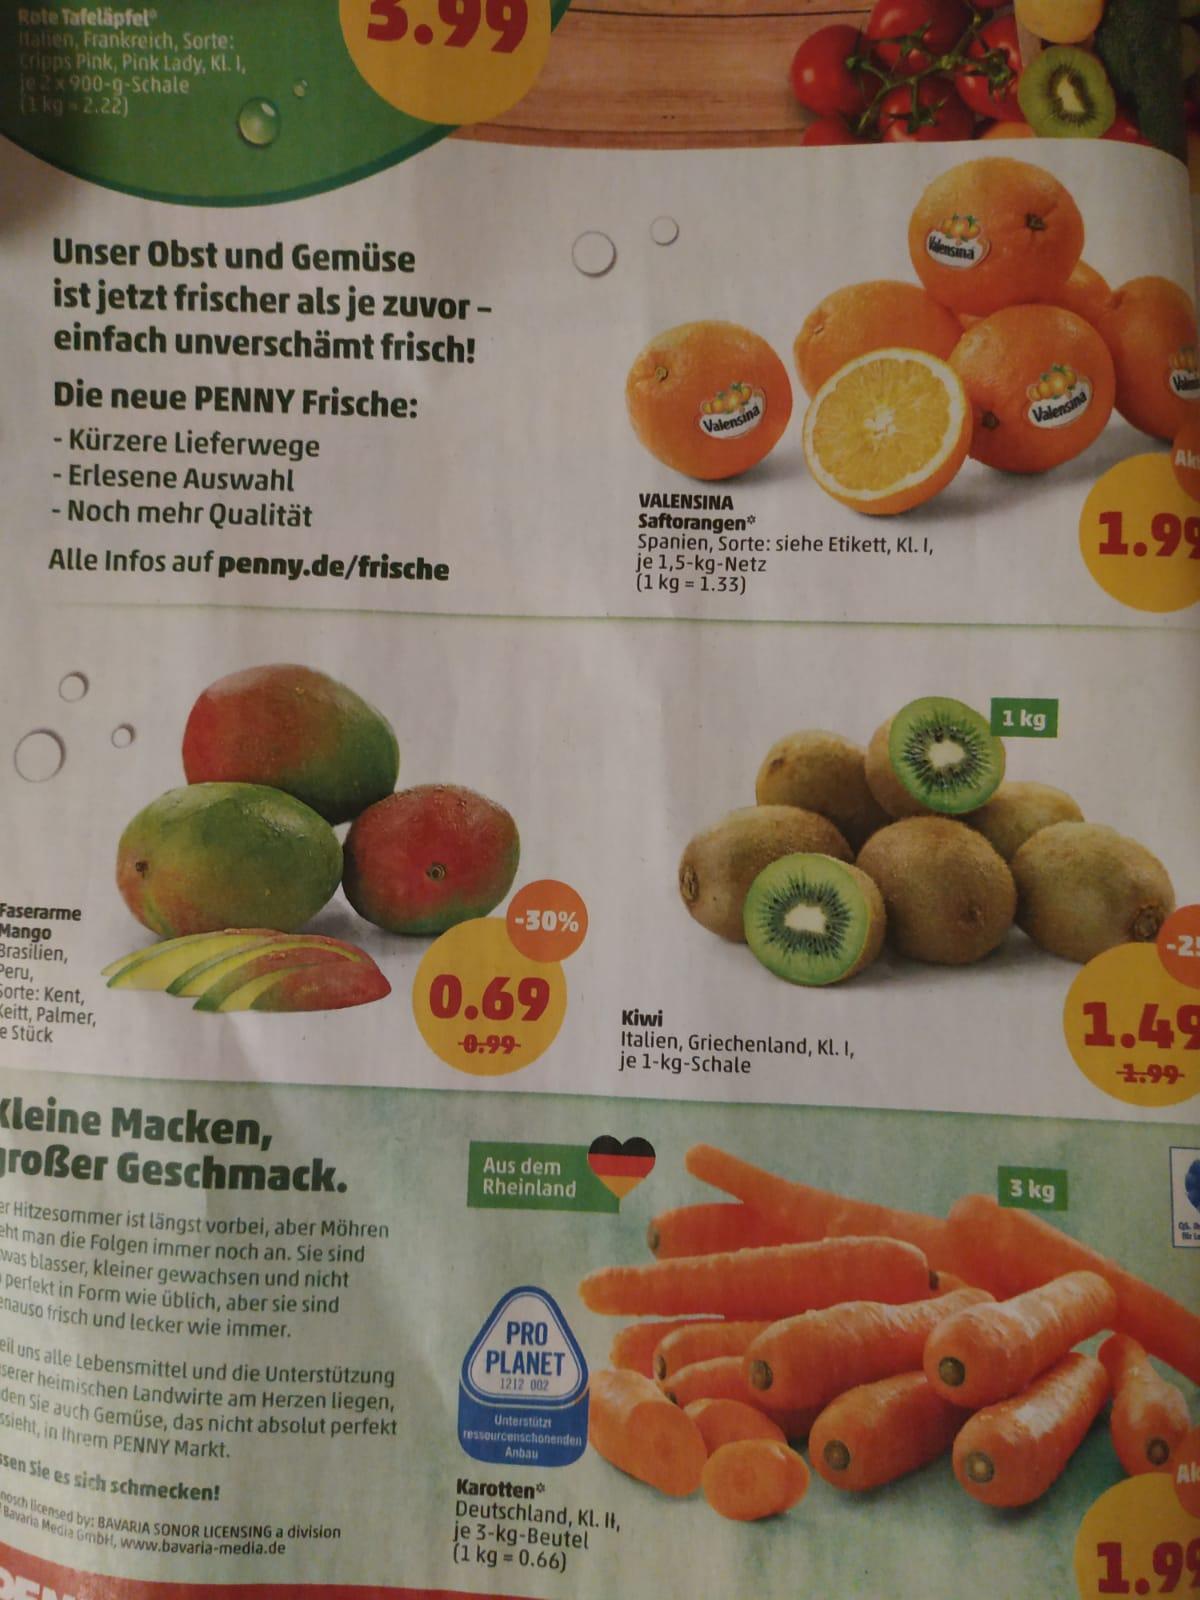 Erstmal zu Penny: ab 04.02.  09.02. Mango faserarm für 69 Cent / angereifte Avocado für 79 Cent